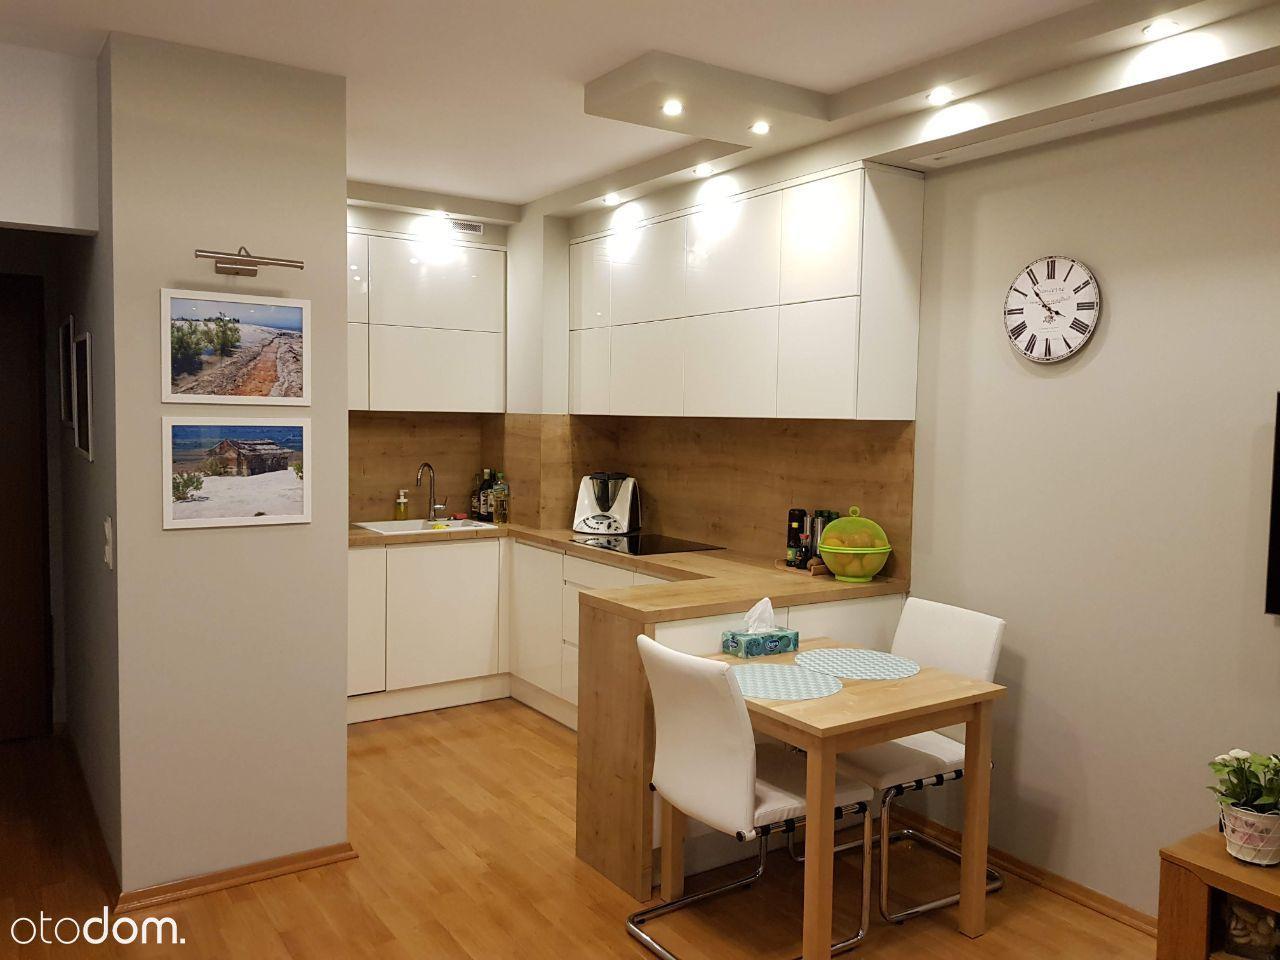 BEZPOŚREDNIO - Mieszkanie 3 pokojowe - 62m2 KABATY